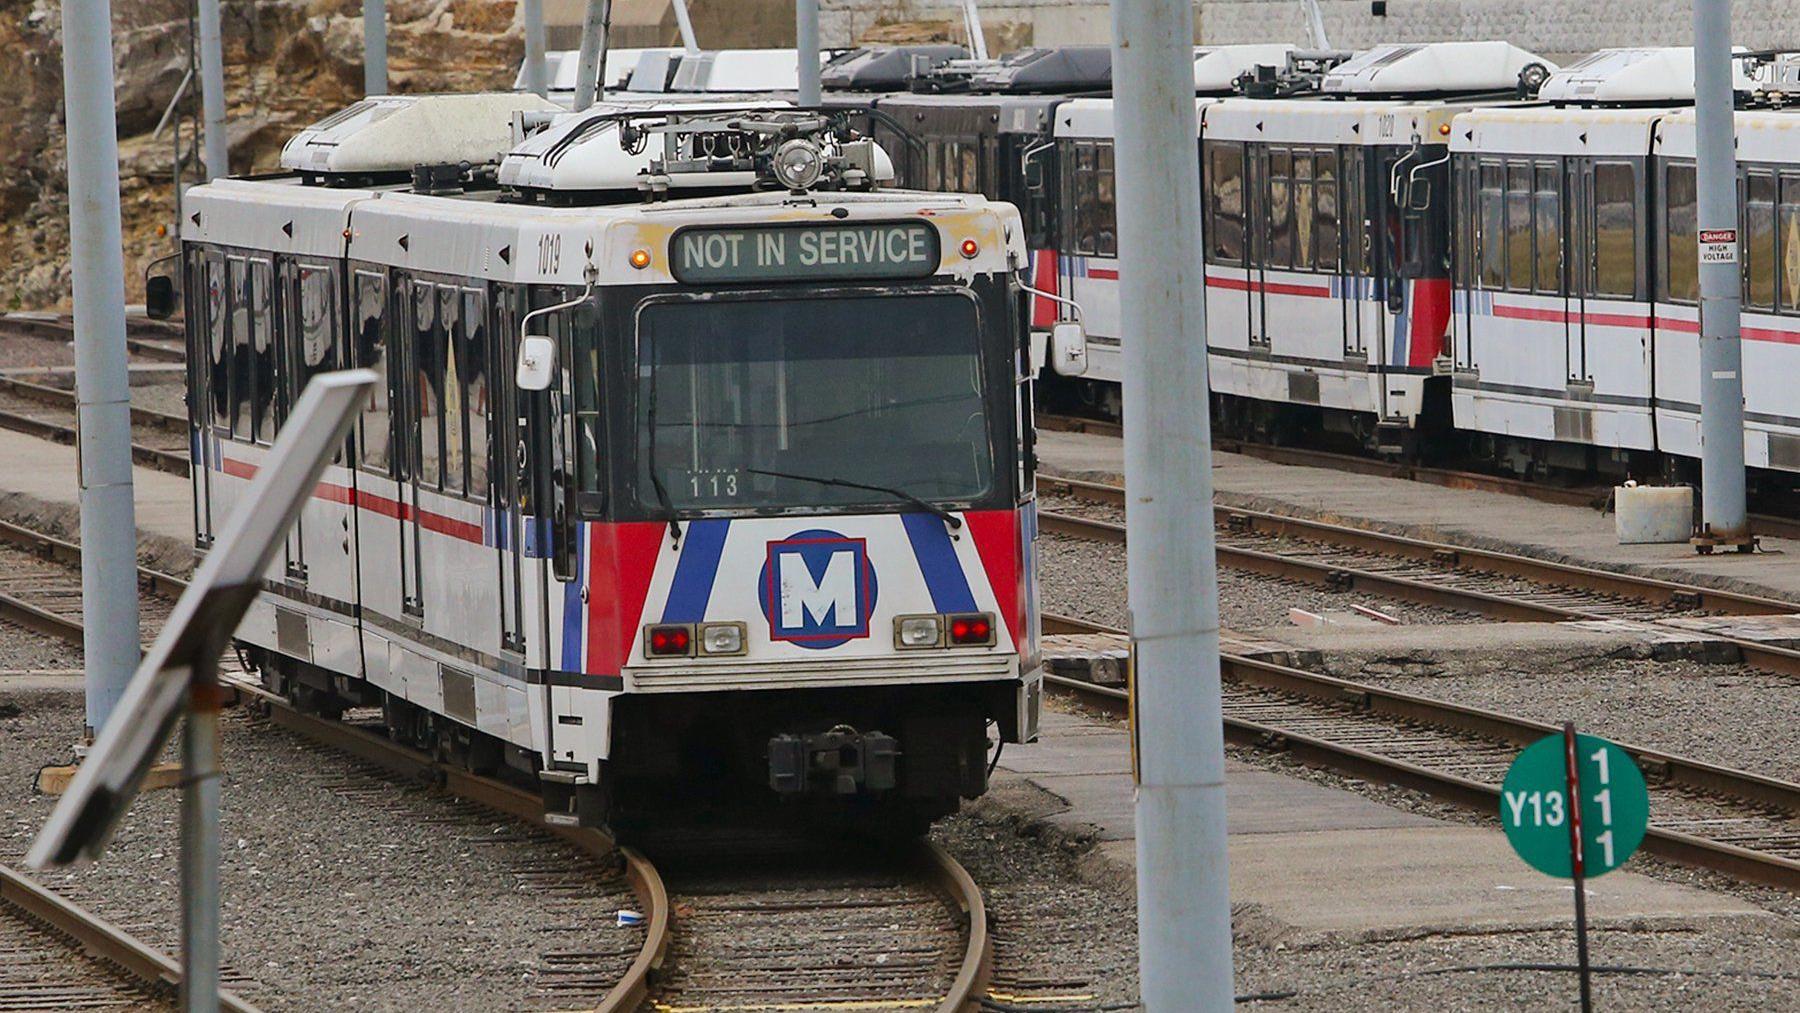 Ridership is down for MetroLink